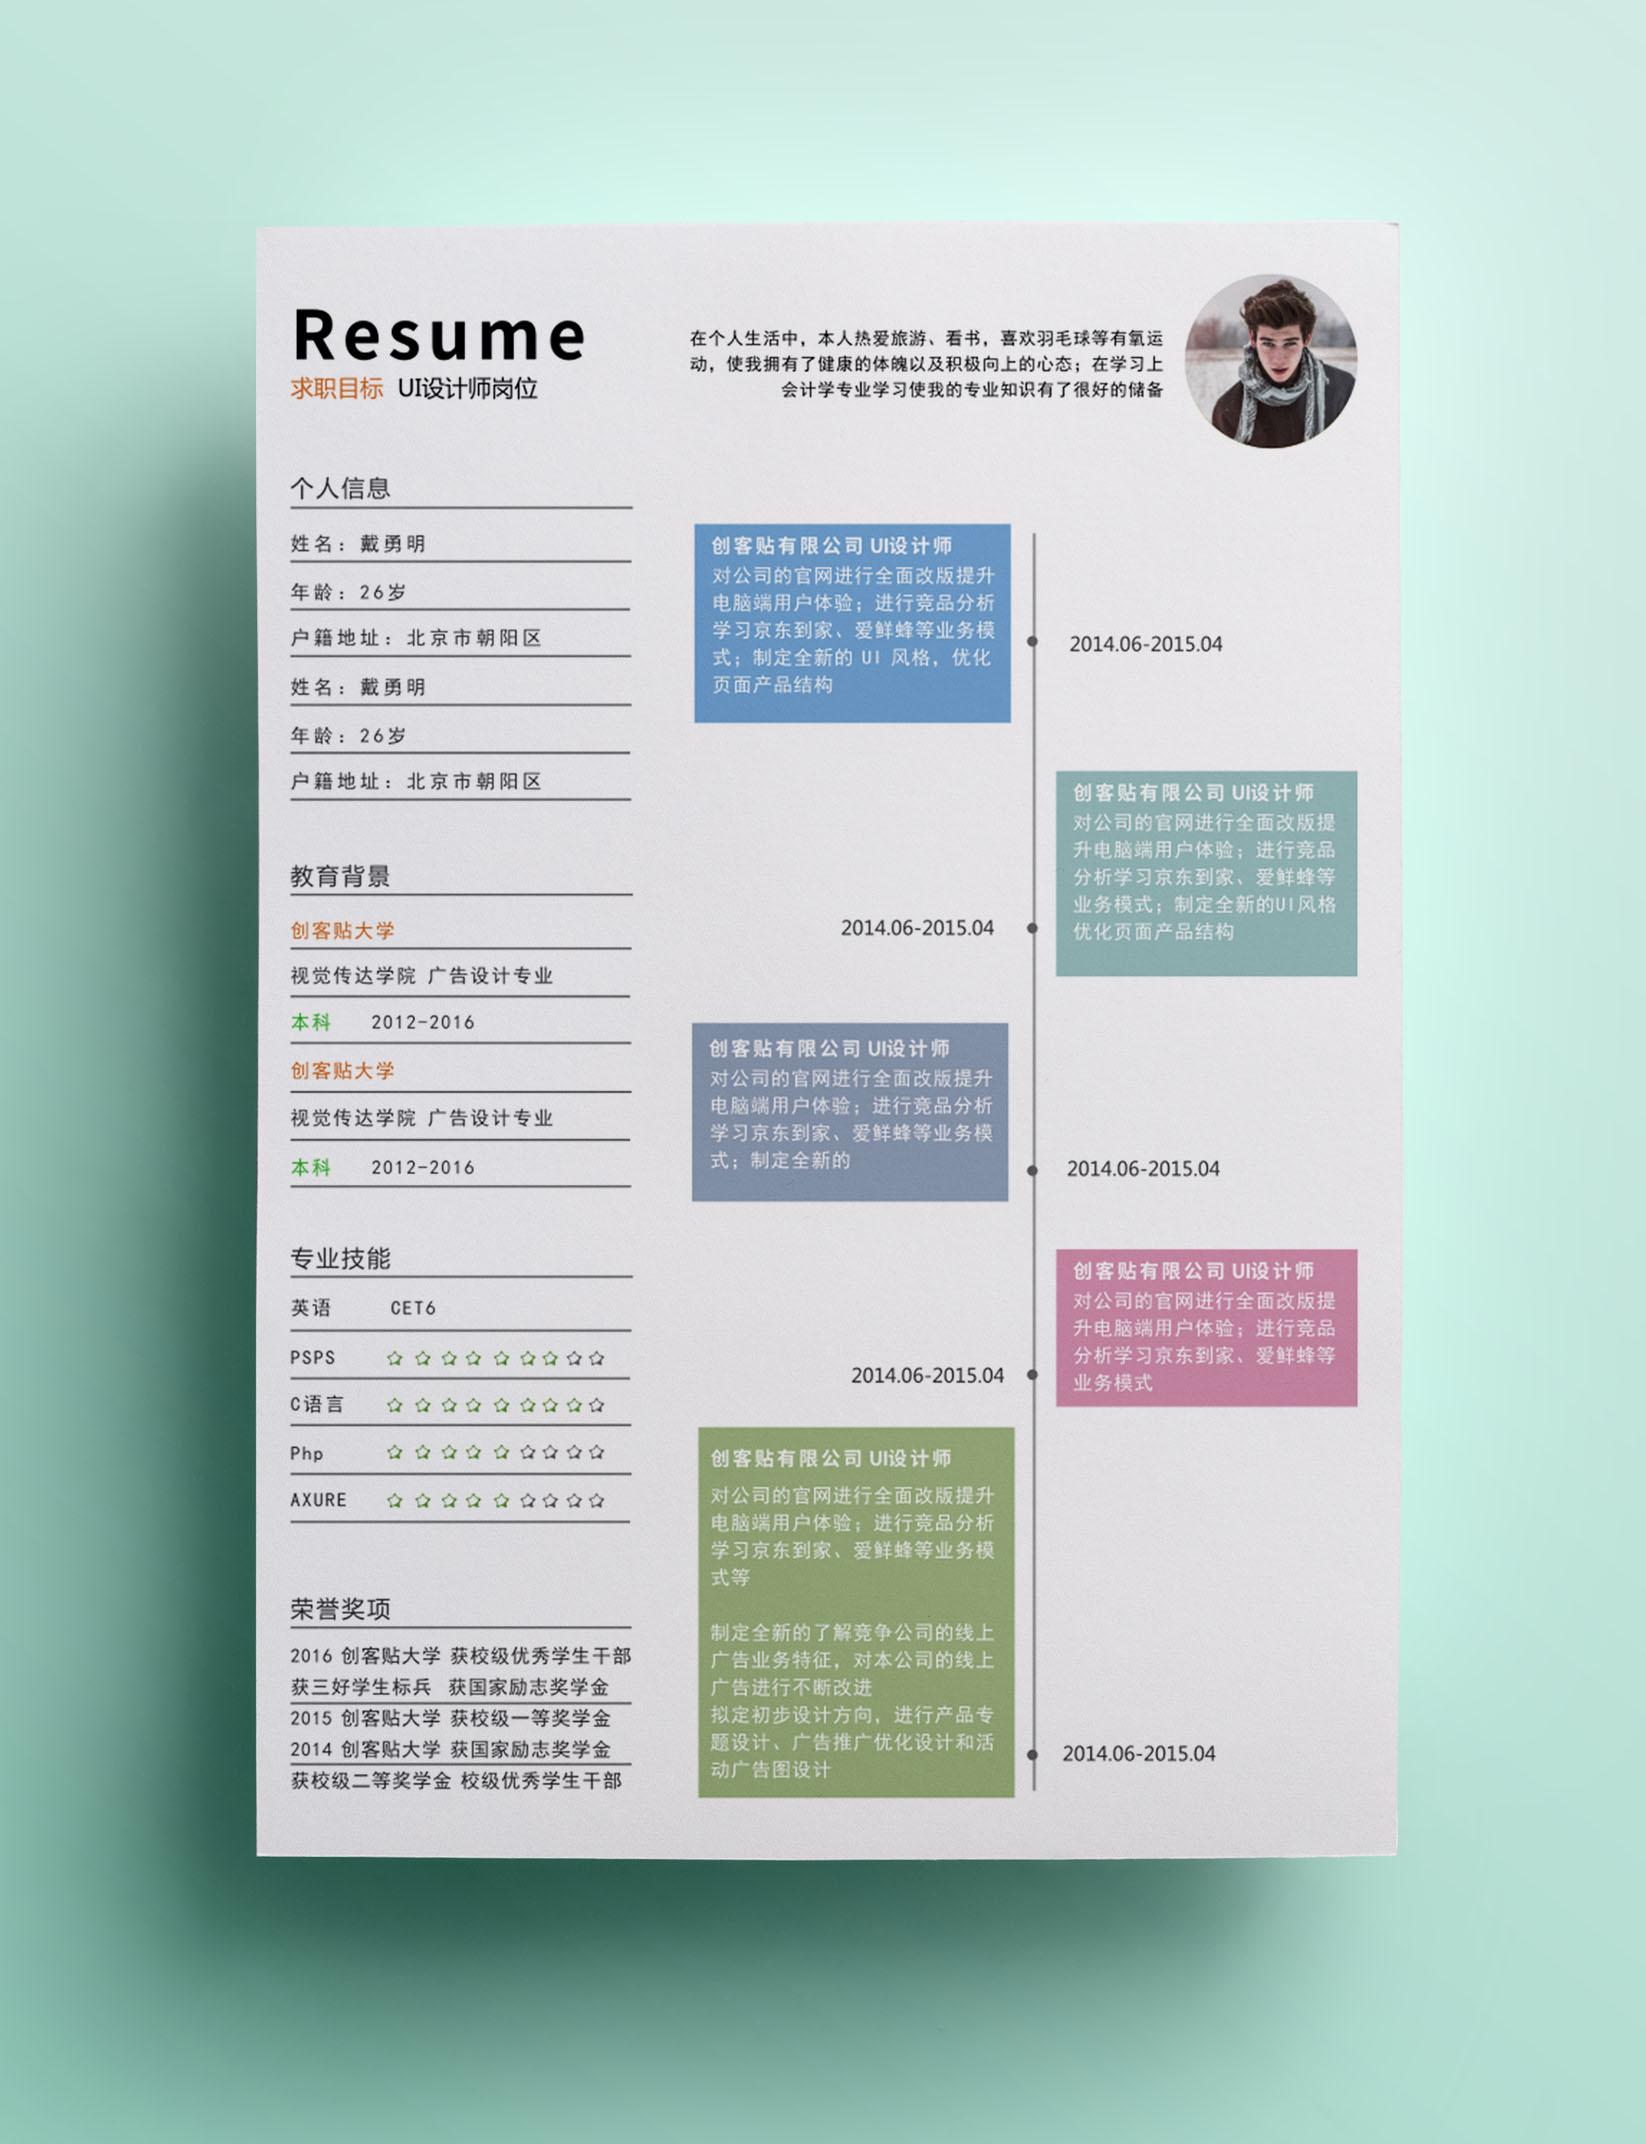 免费UI设计师应聘求职简历